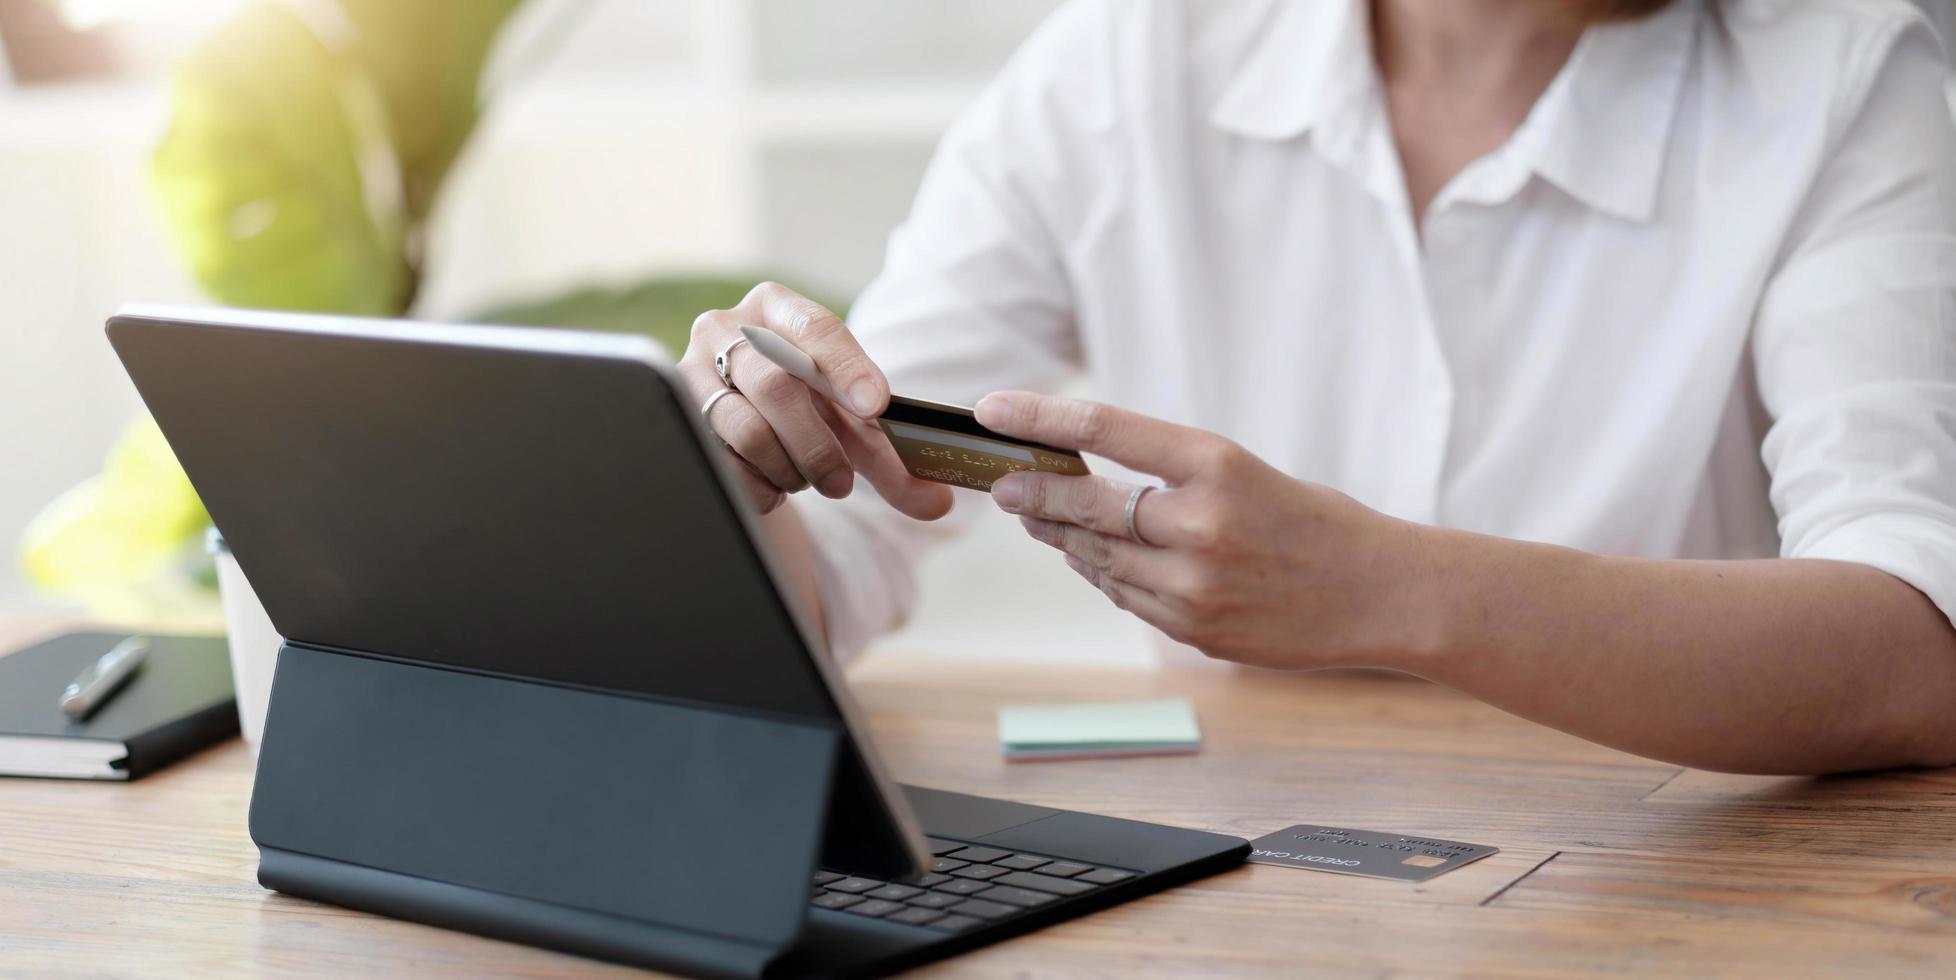 niña hace una compra en internet en la computadora con tarjeta de crédito foto